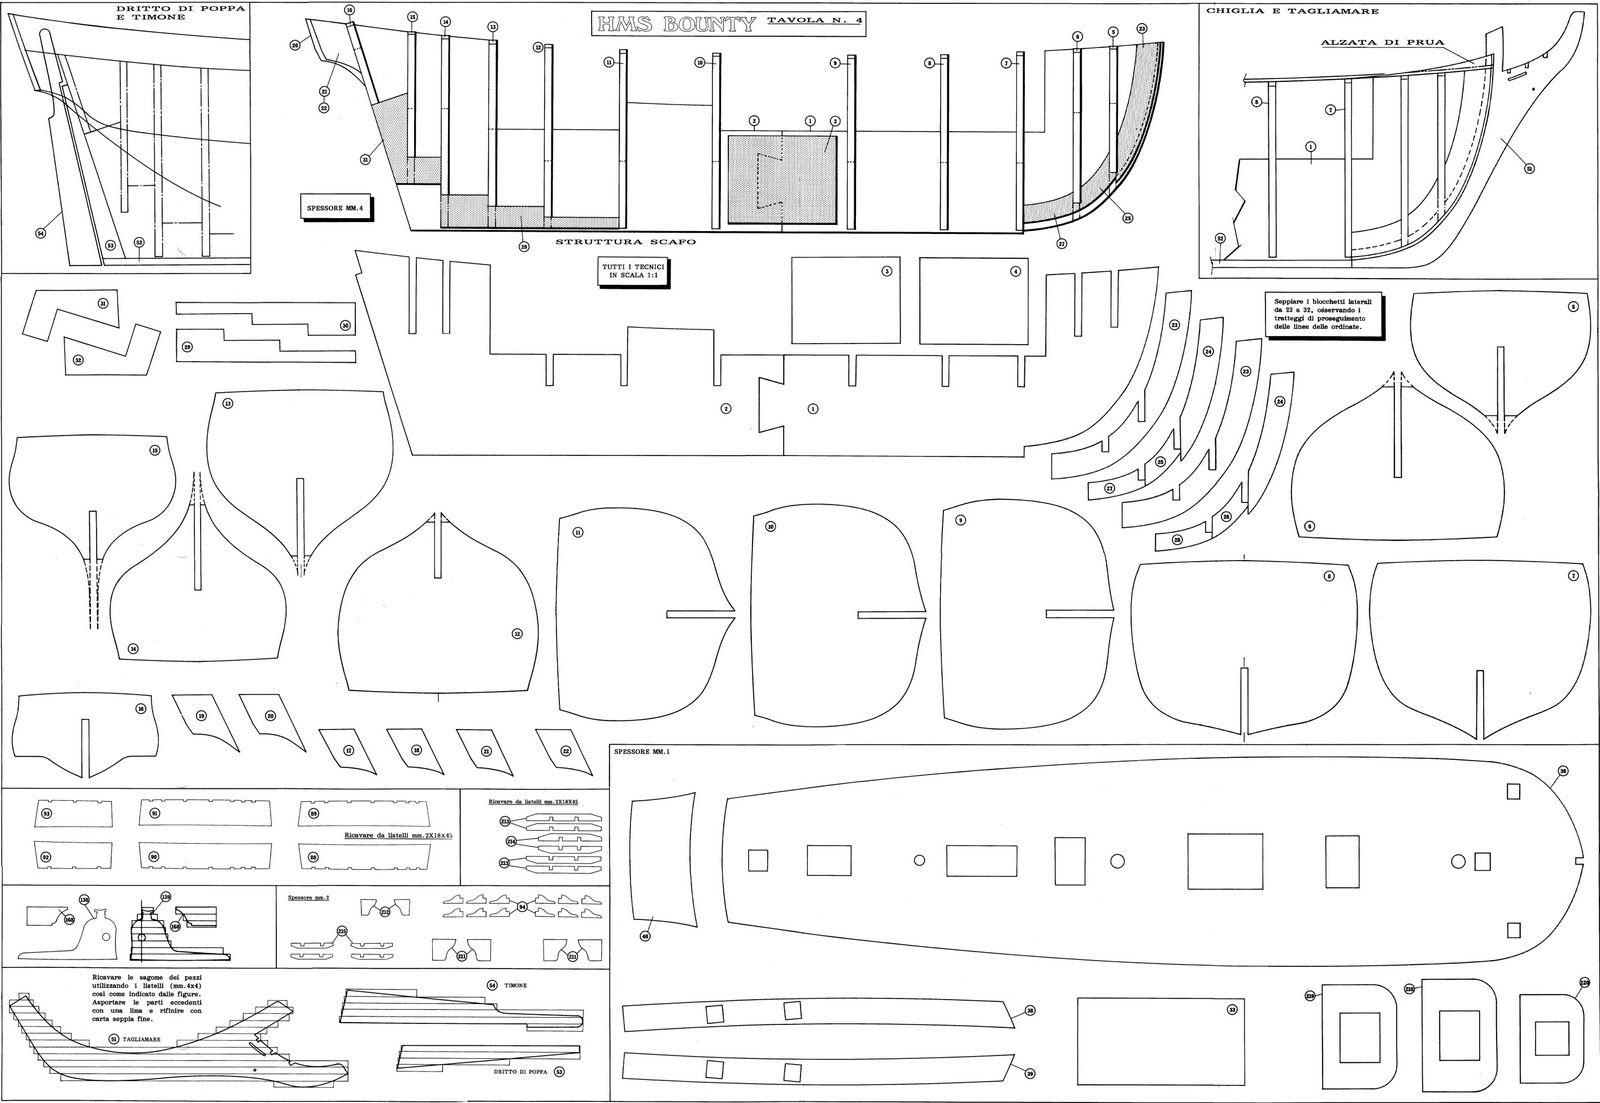 marins sur le bahut du mort Plan Bounty  maquette  Pinterest ~ Plan Maquette Avion Bois Gratuit